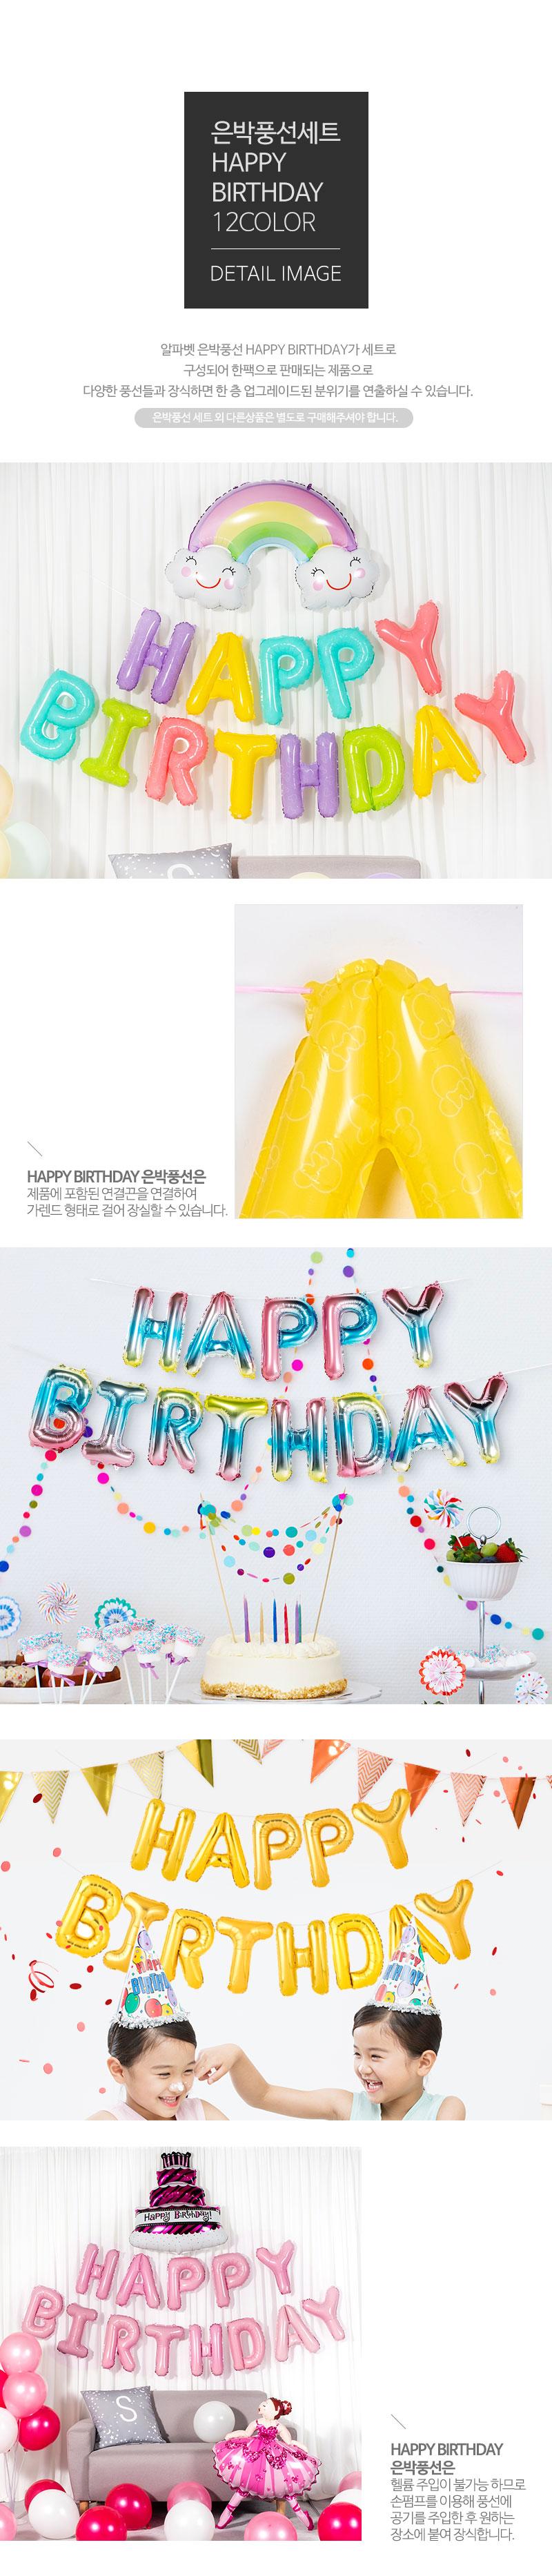 (원팩) 은박풍선세트 HAPPY BIRTHDAY 마카롱 _partypang - 파티팡, 5,800원, 파티용품, 풍선/세트